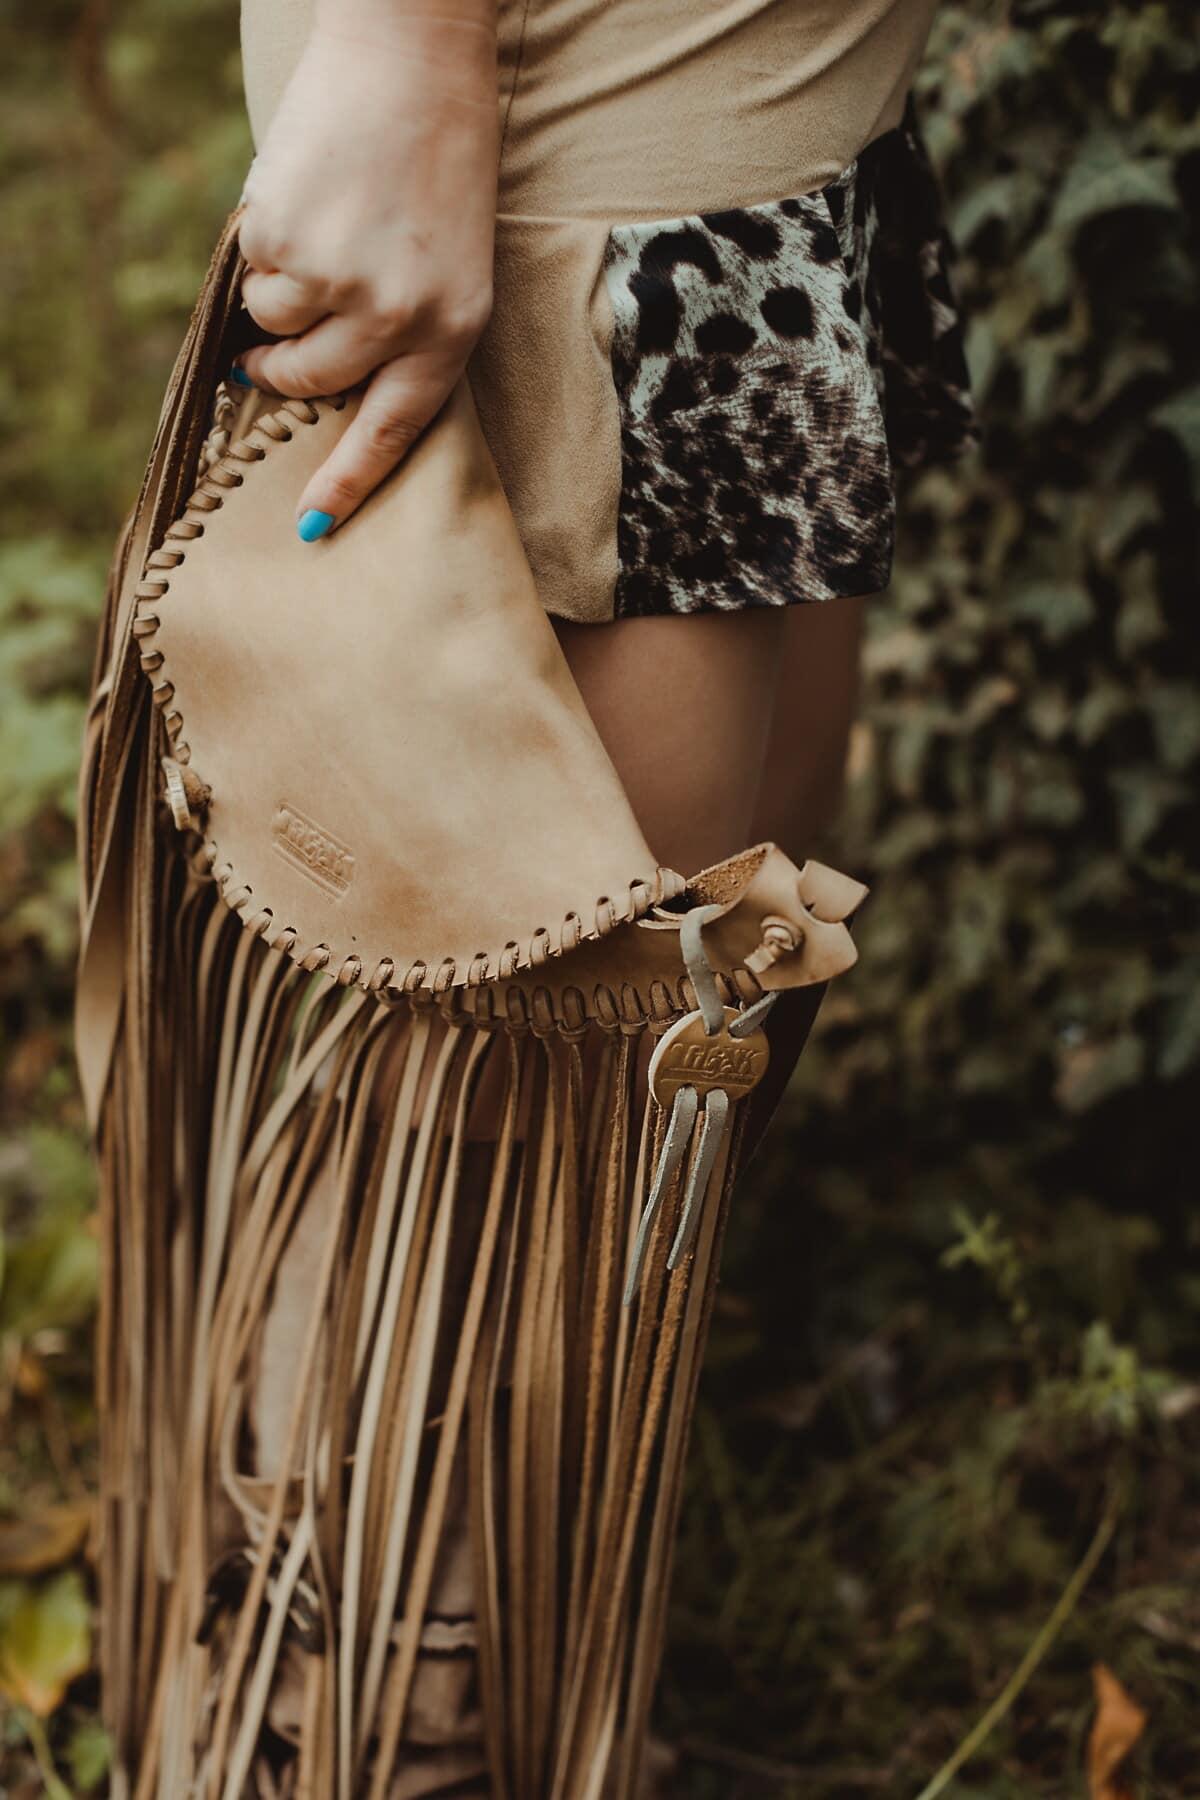 ručně vyráběné, kabelka, indické, styl, starý styl, móda, oblečení, žena, atraktivní, příroda